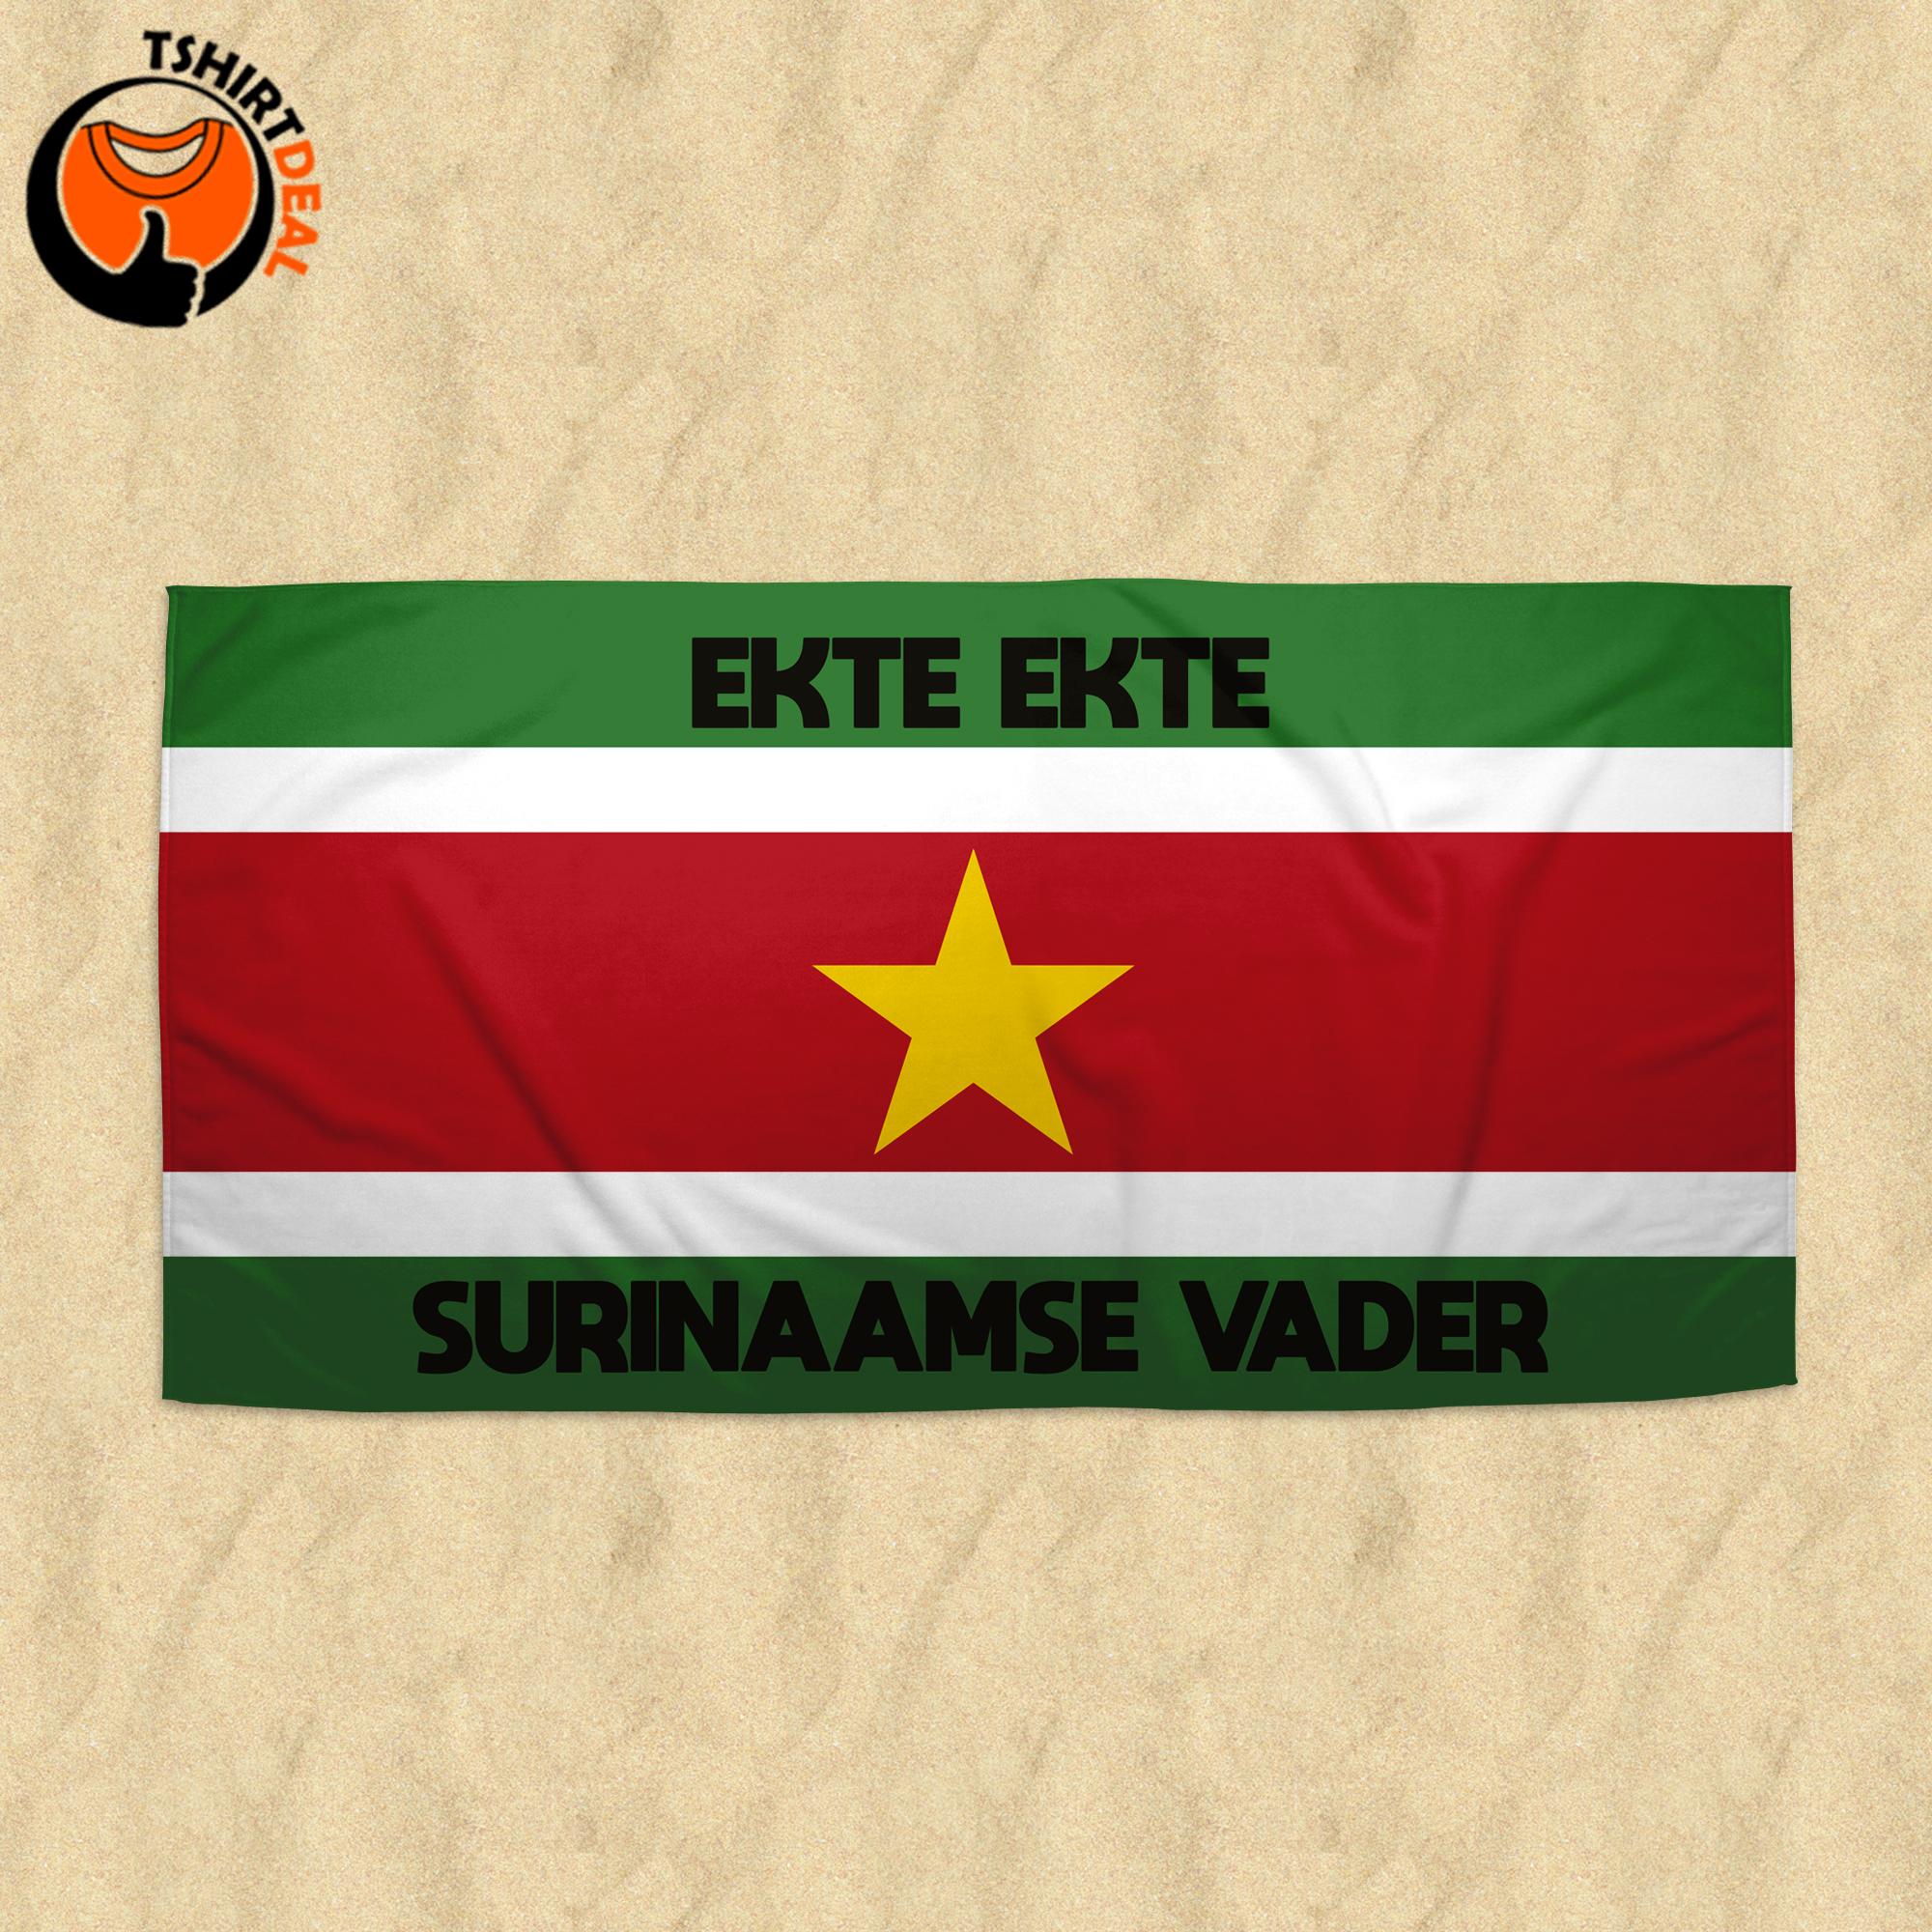 Handdoek 'Ekte Ekte Surinaamse vader'